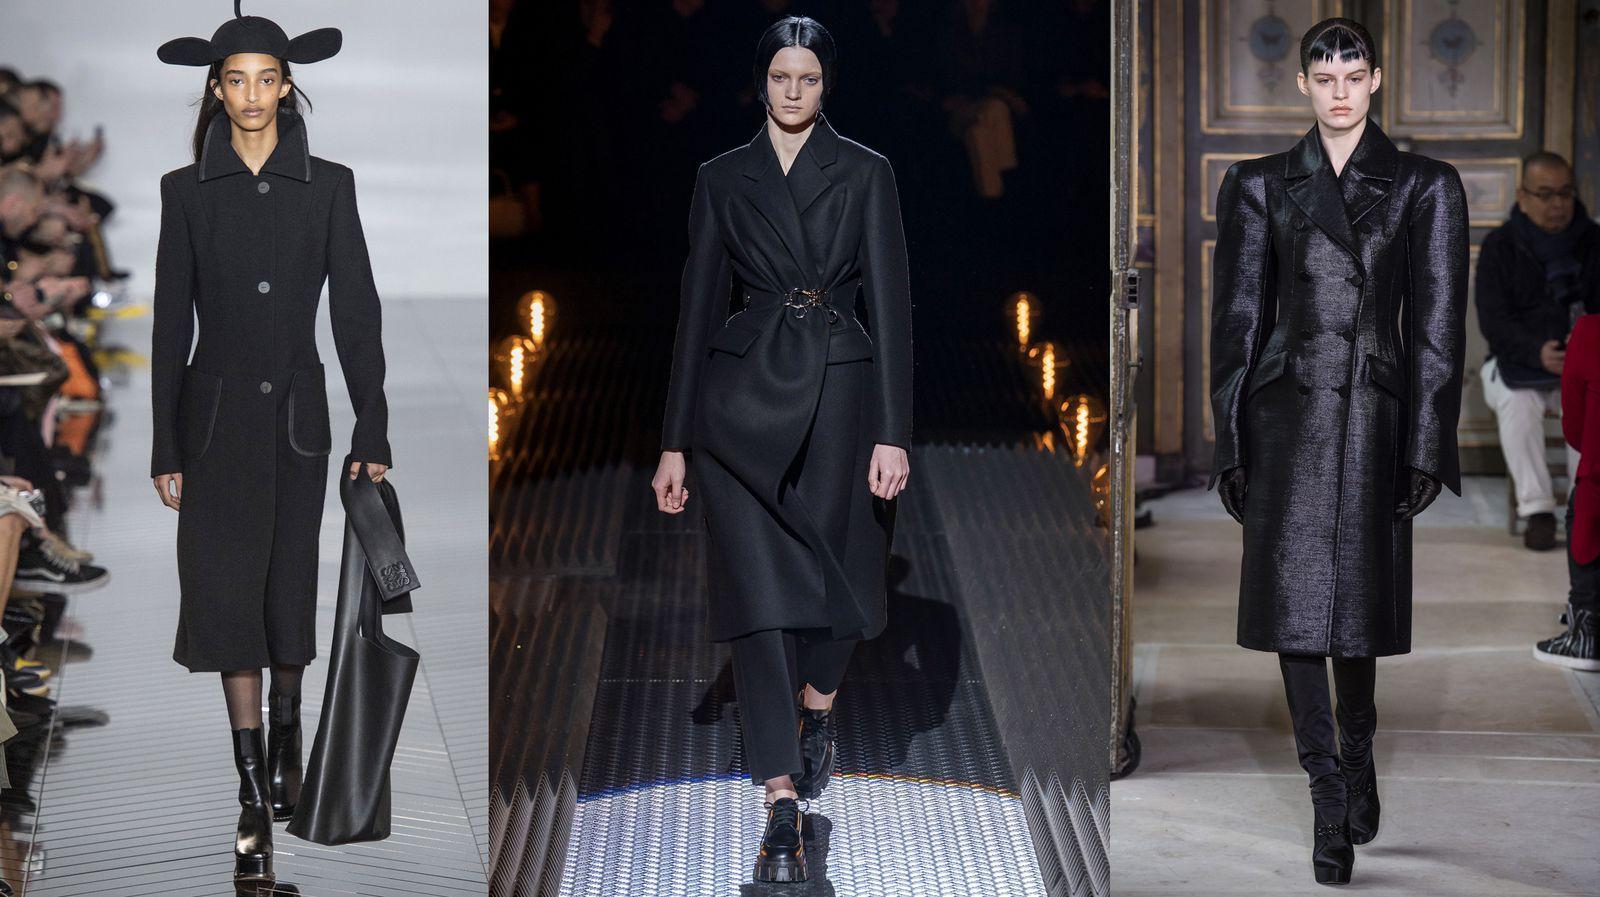 cappotti donna aut inv 2019 20